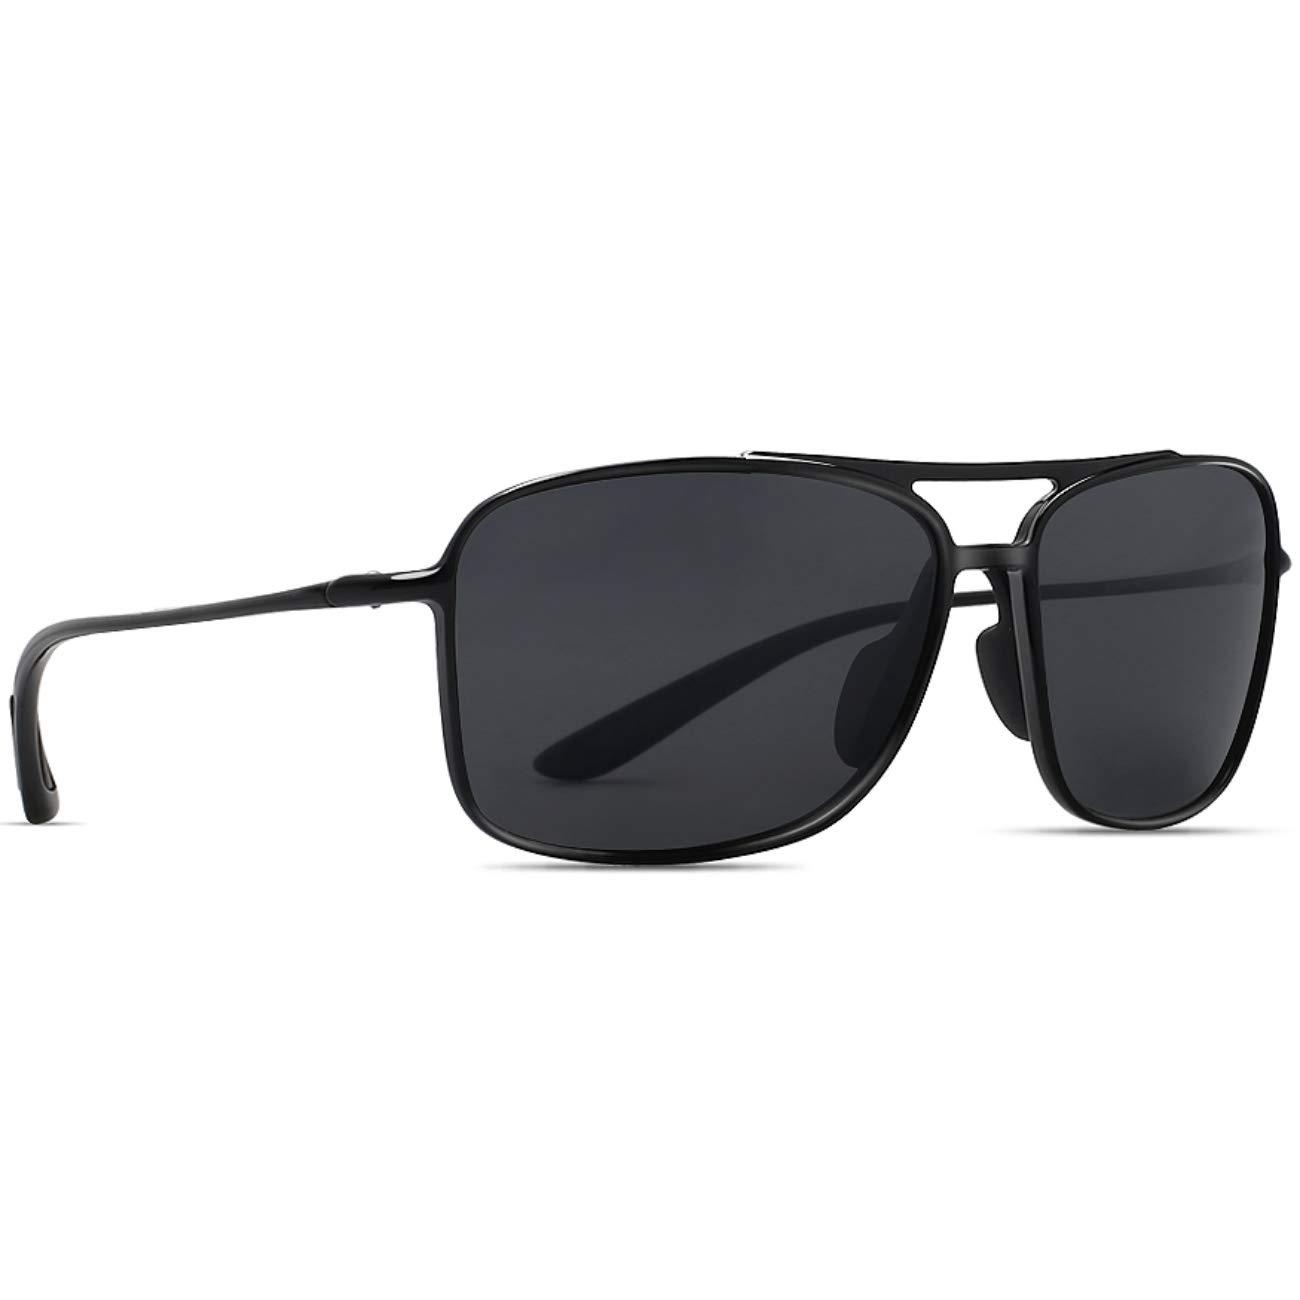 【国際ブランド】 JULI 偏光レンズ ユニセックス スポーツサングラス レディース メンズ TR90 B07DN94VZW JULI 超軽量 UV400 メンズ 紫外線カット B07DN94VZW 黒い/黒い 黒い/黒い, Rash:cd9676dc --- adornedu.com